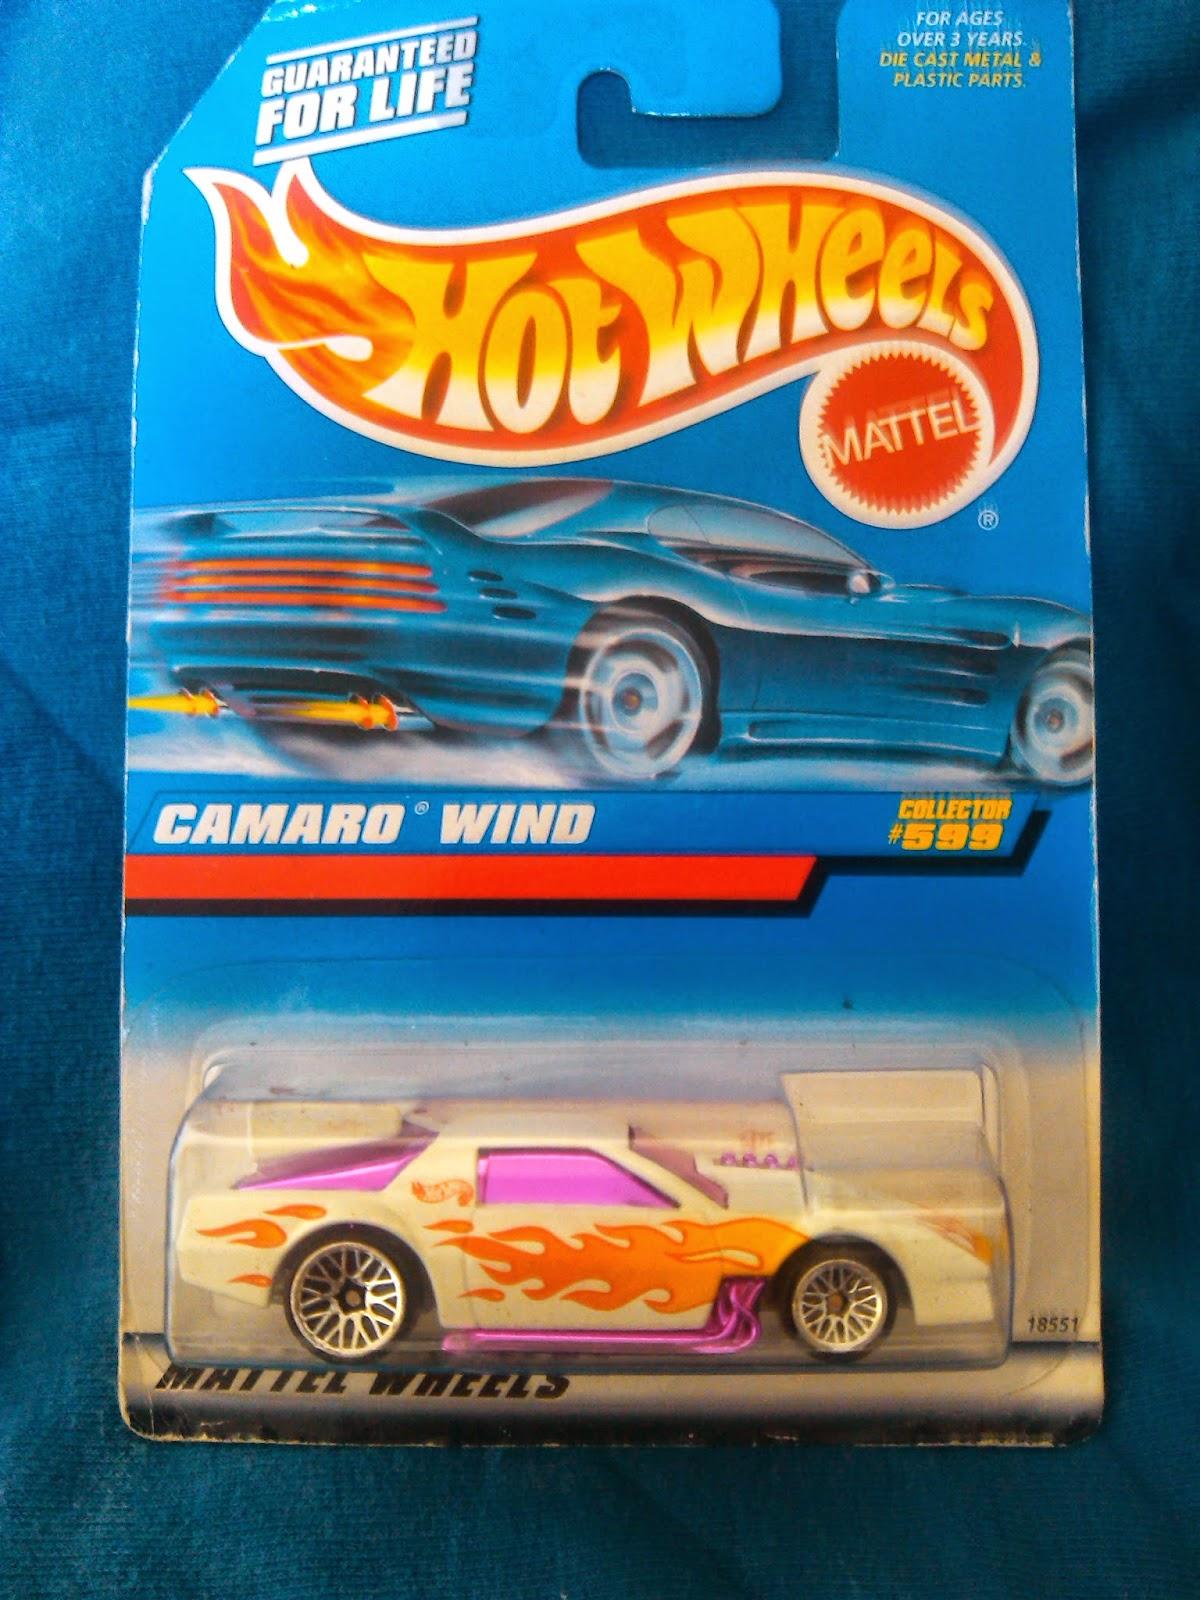 Colección Chevrolet Camaro en Blister Camaro+Wind+1997+Hot+Wheels+%23599